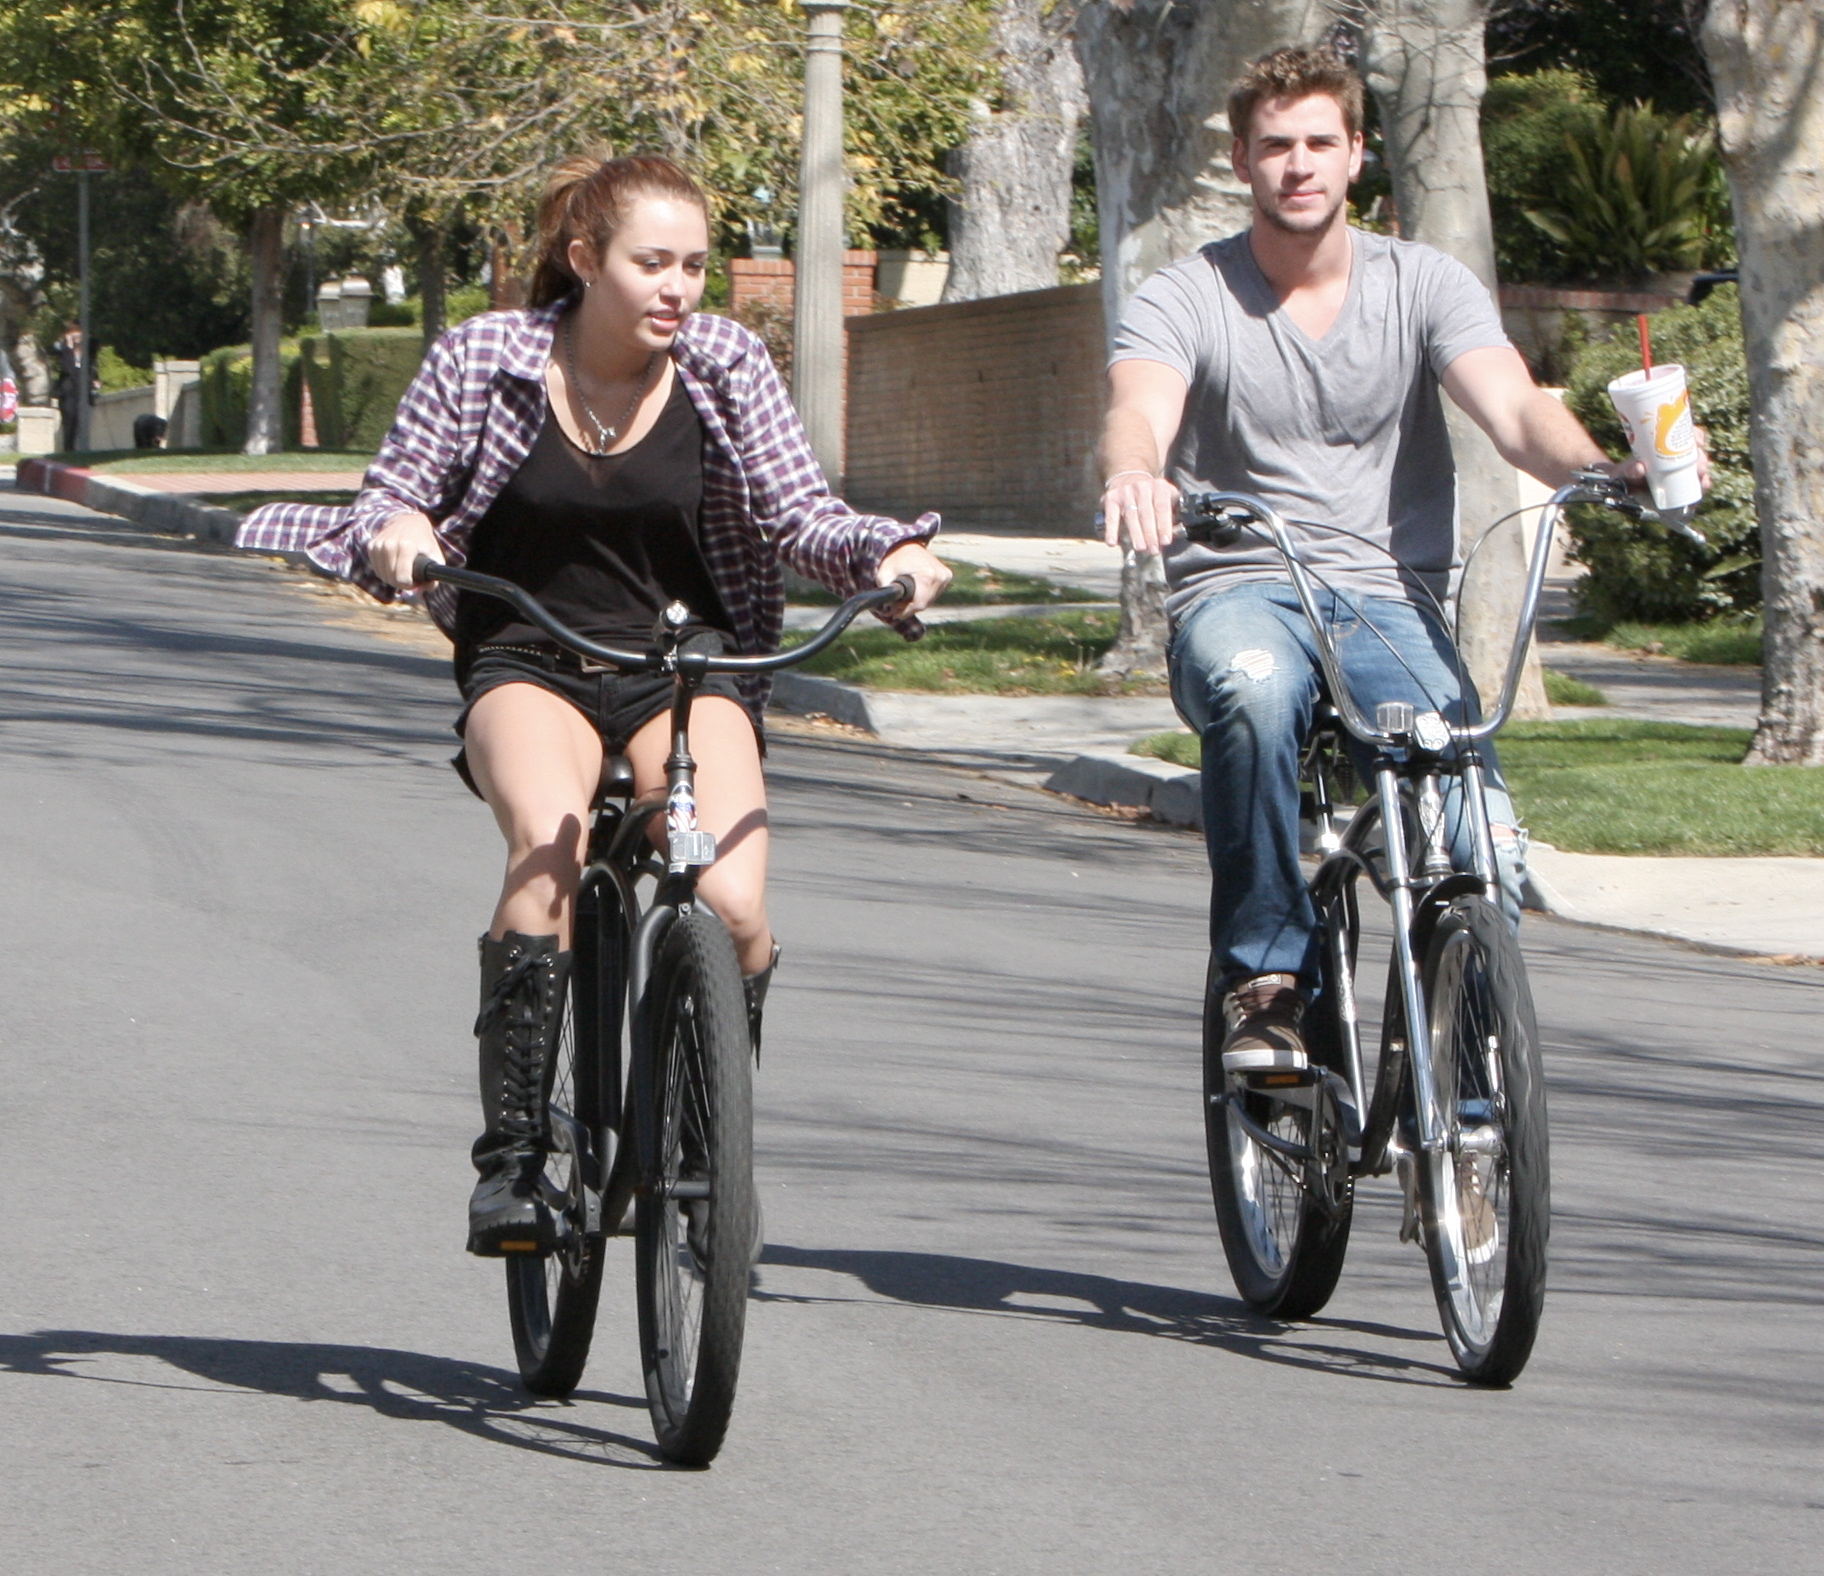 Cyrus And Boyfriend Liam Hemsworth Go For A Bike Ride Through Her